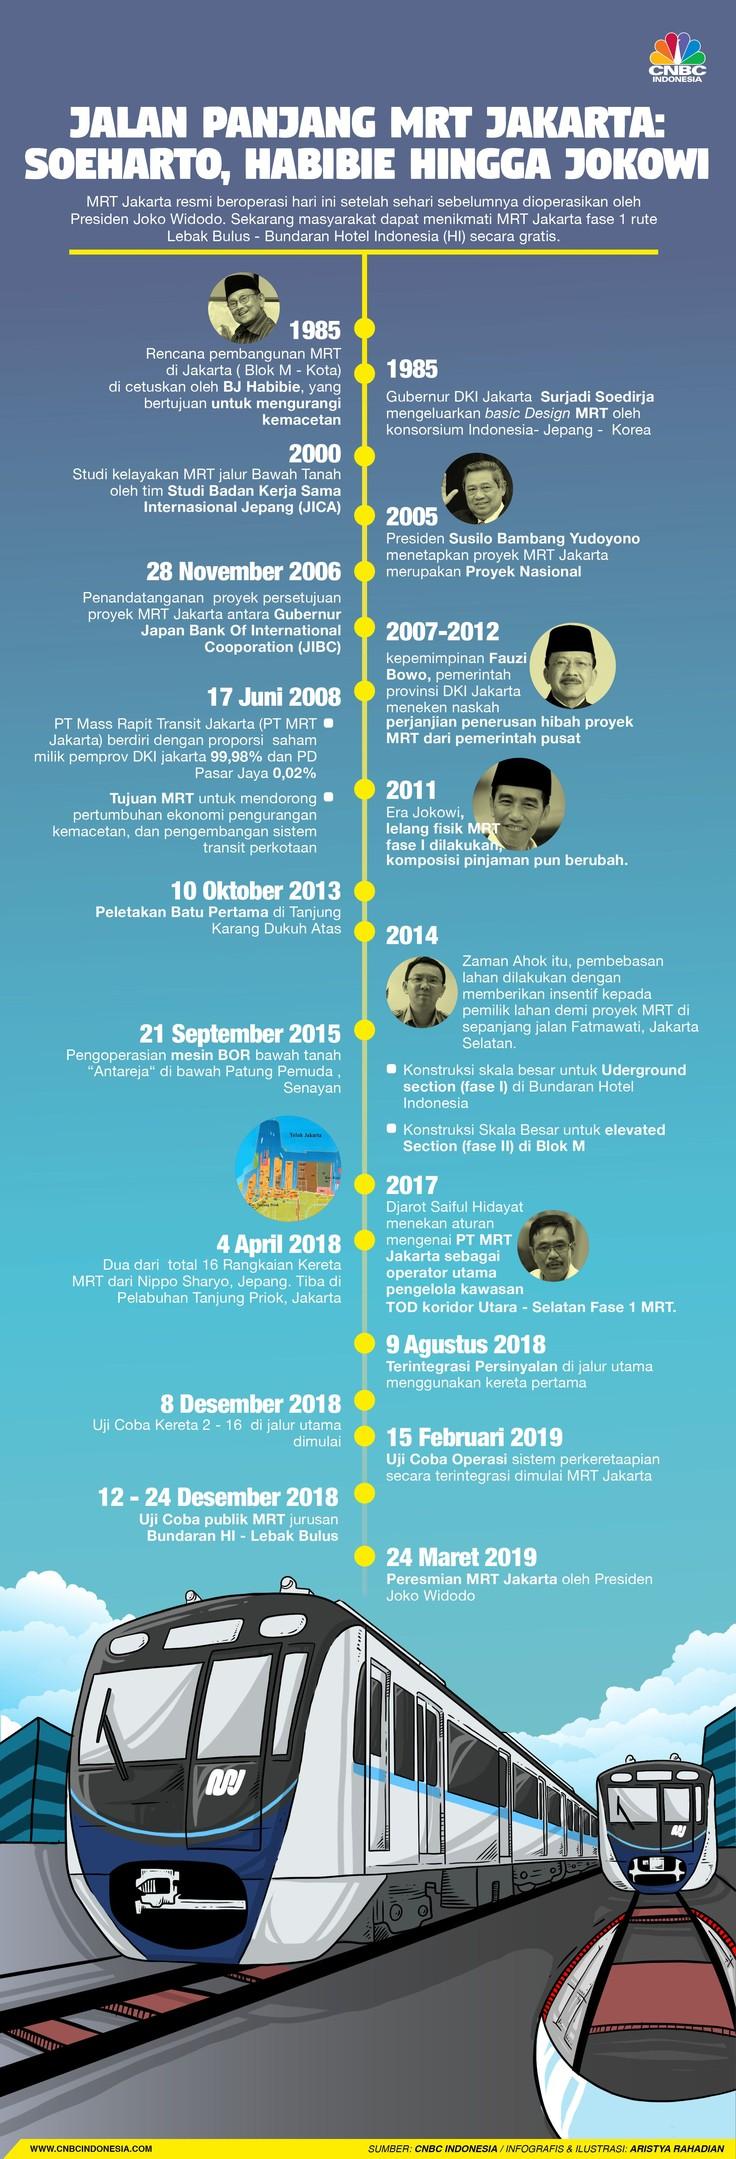 Jalan Panjang MRT Jakarta: Dari Soeharto, Habibie, dan Jokowi